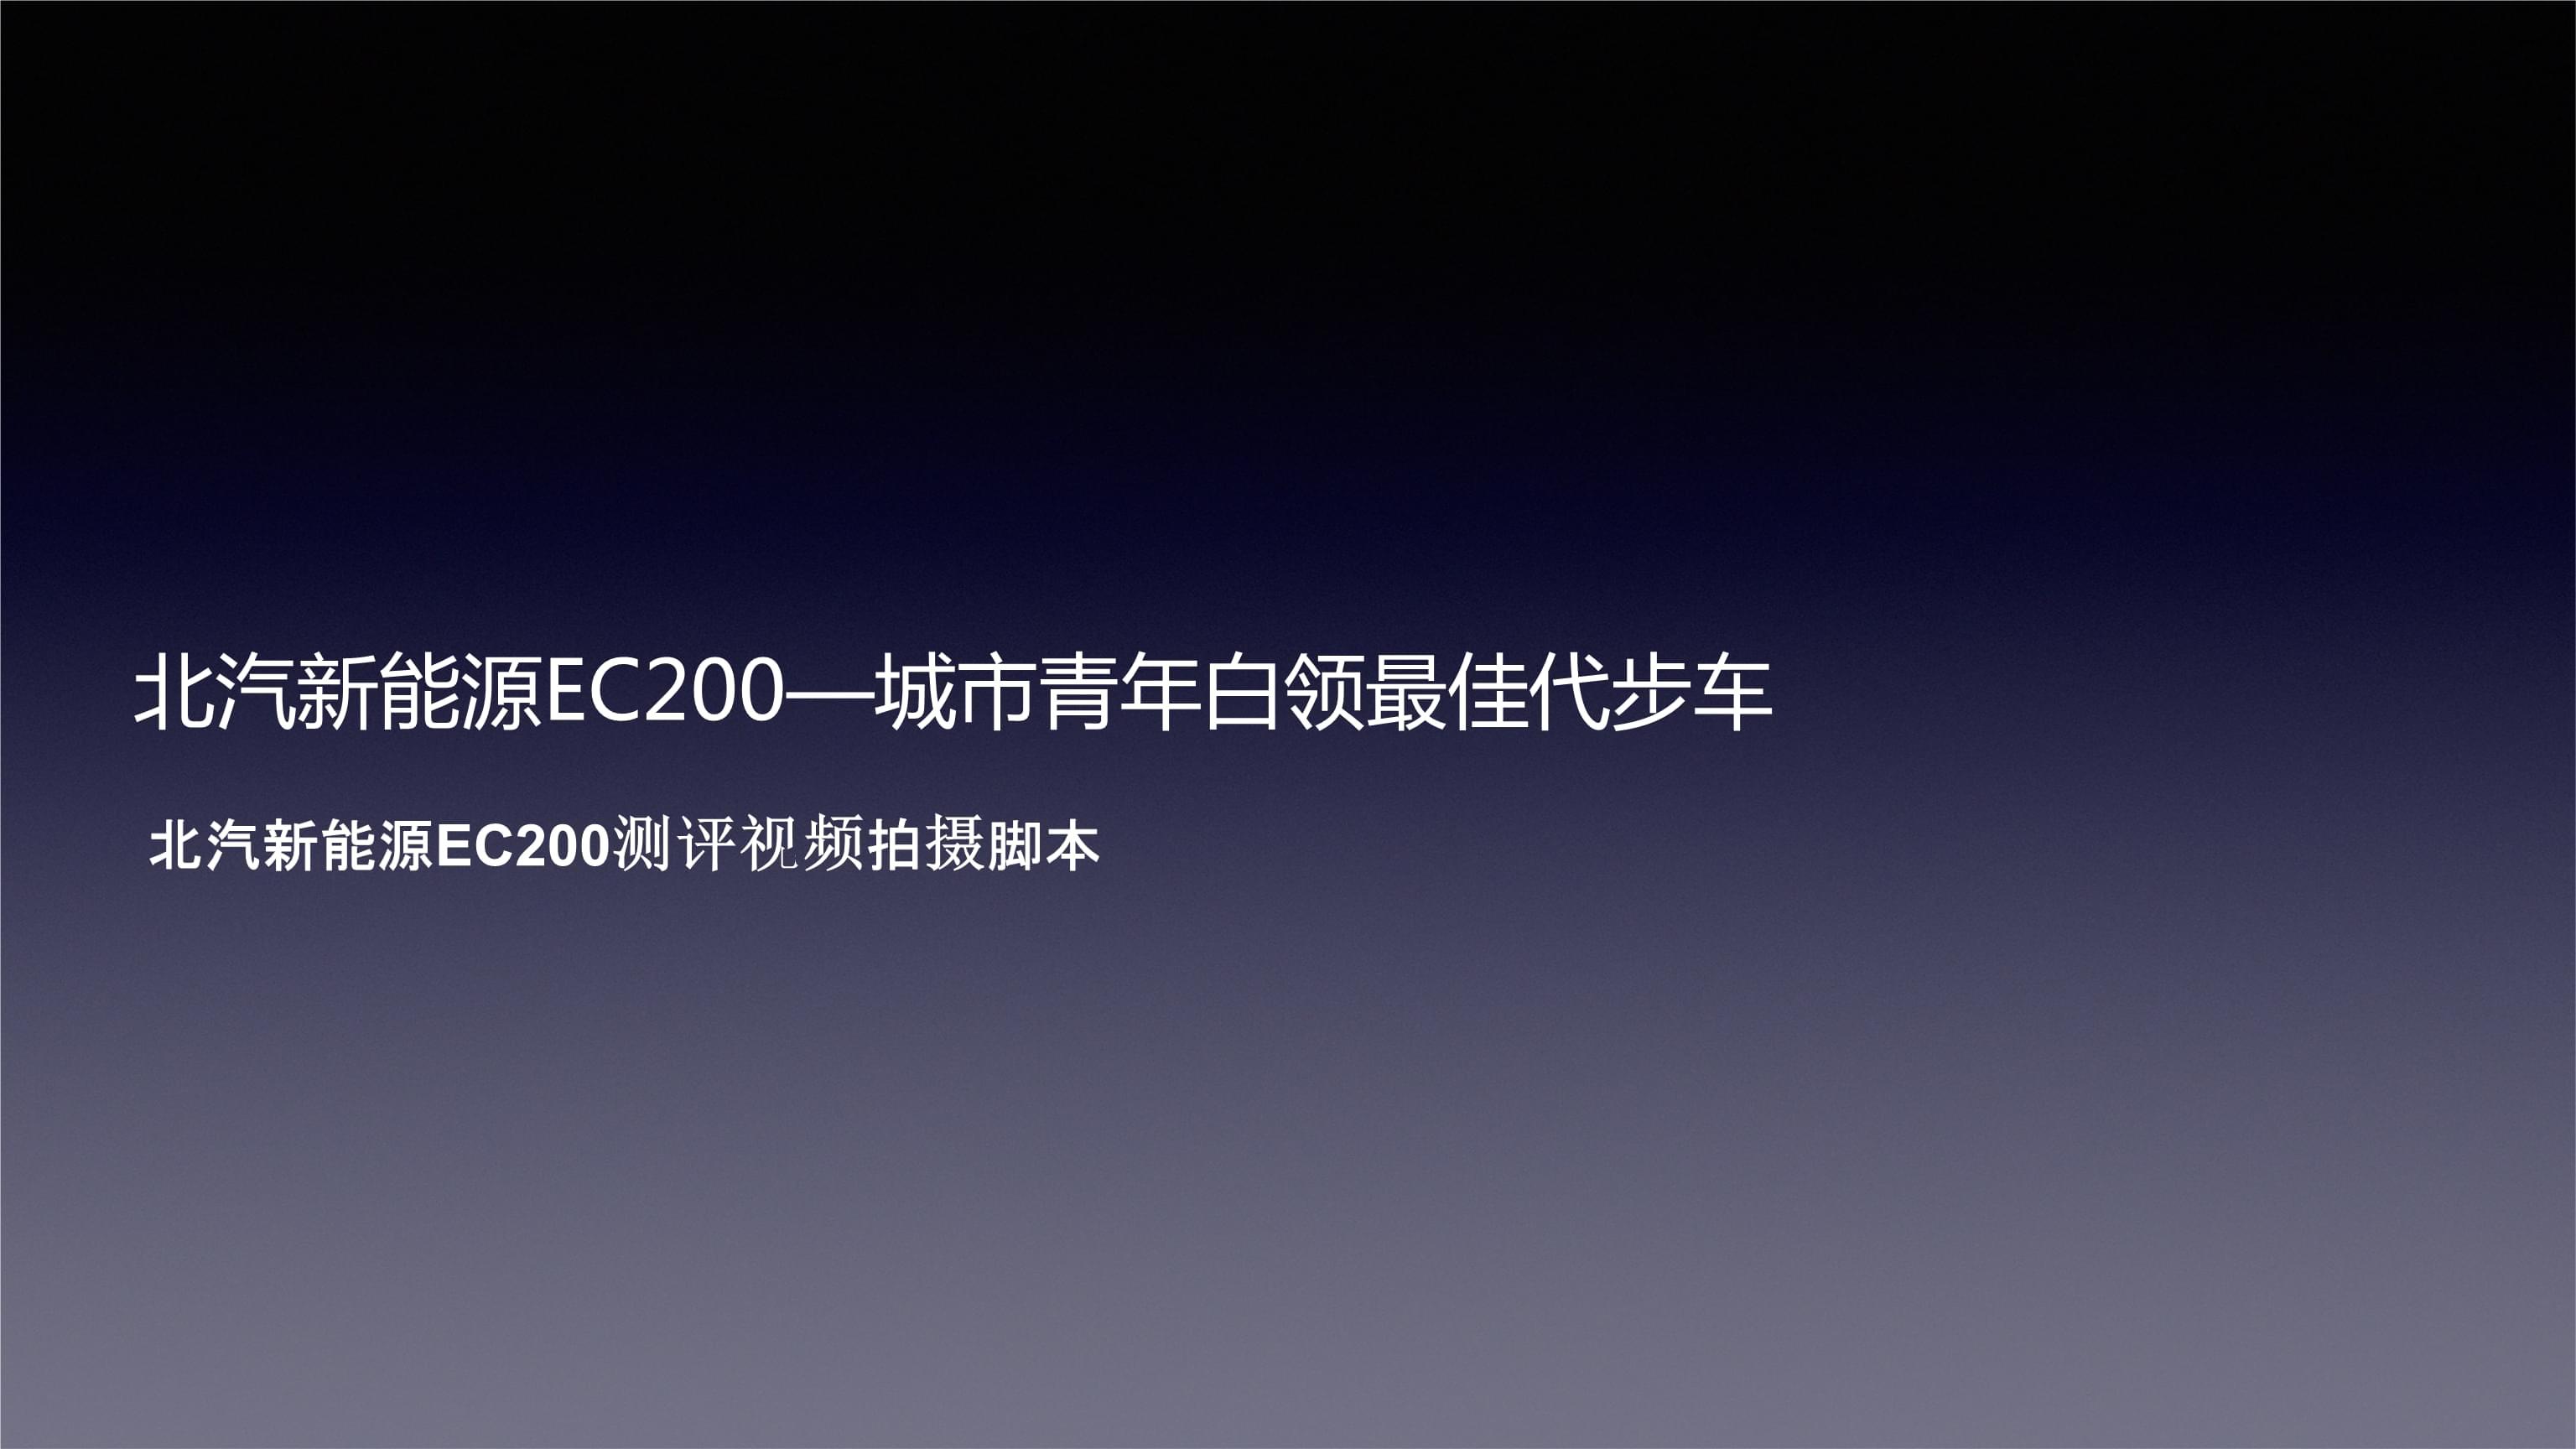 北汽新能源EC200测评视频拍摄脚本_0420_01.ppt